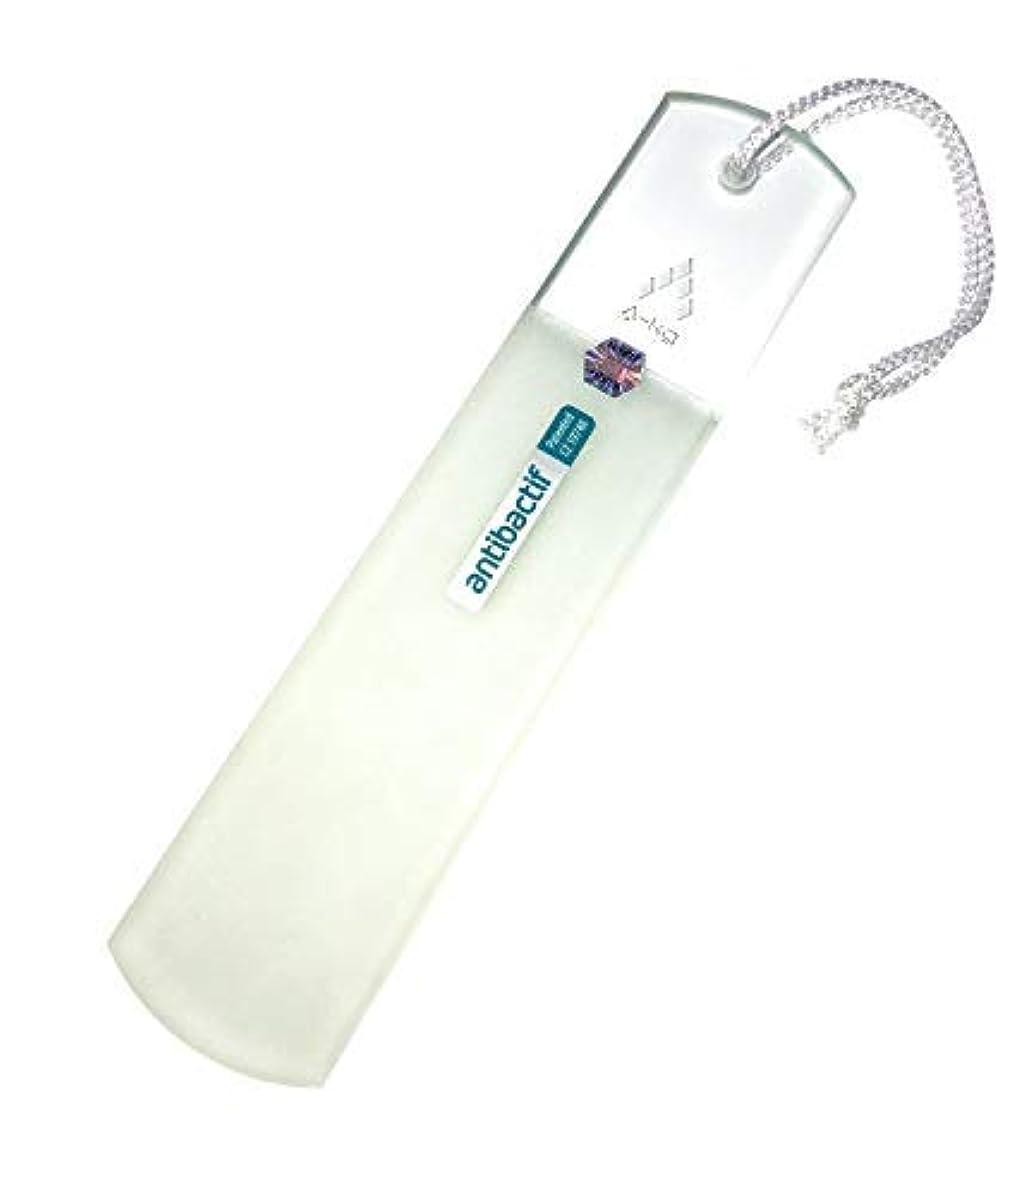 羊飼い祖父母を訪問取得A-KG BLAZEK かかと用やすり ガラス製 抗菌 クリア 抗菌光触媒コーティング Antibactif かかと削り かかとやすり かかと 角質取り 乾かす時に便利なヒモ付